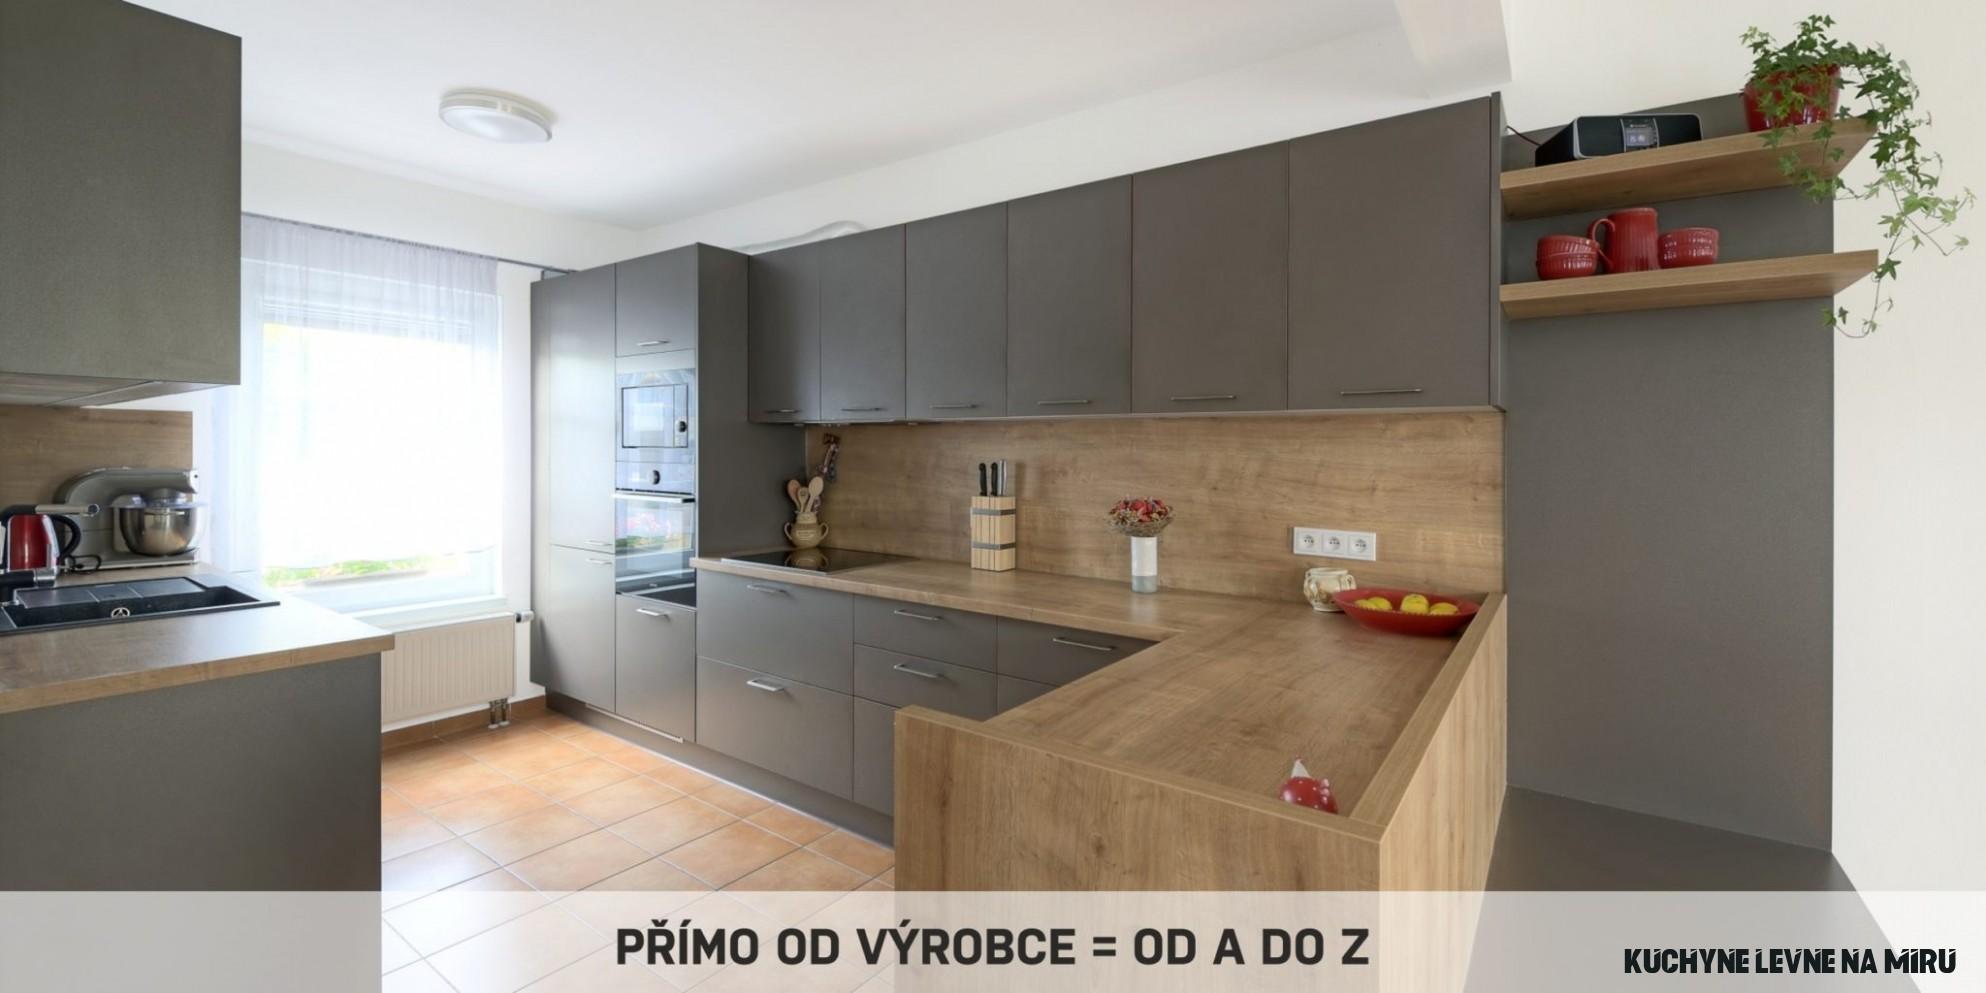 Kuchyně SMART  Kuchyně SMART - český výrobce moderních kuchyní na